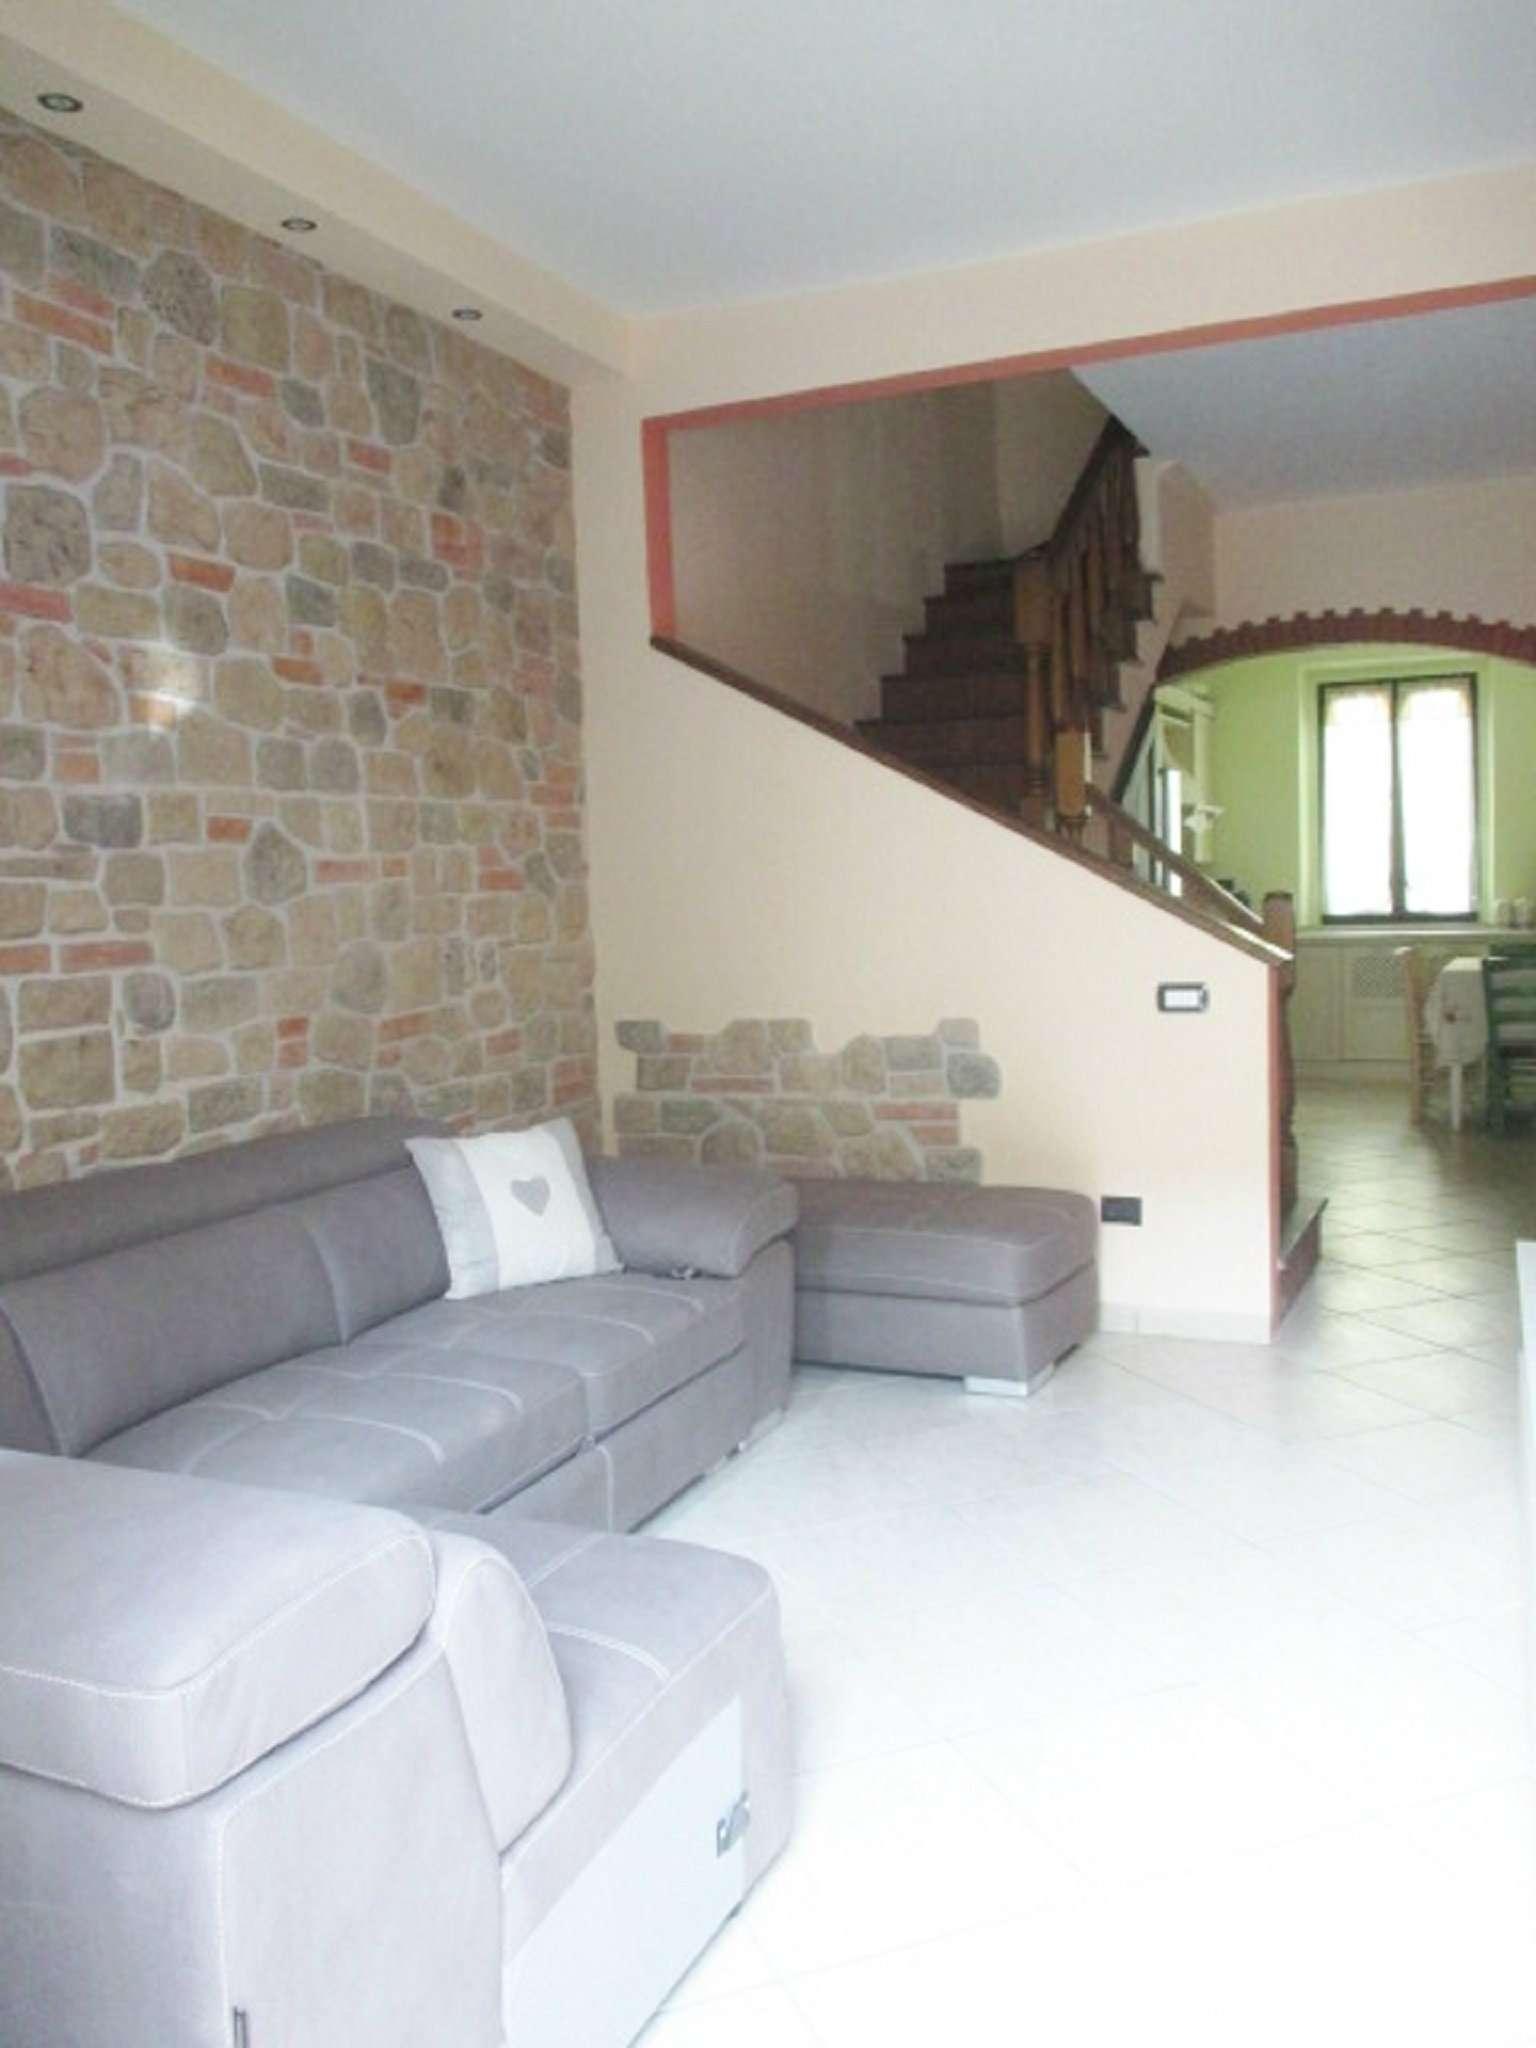 Palazzo / Stabile in vendita a Firenze, 4 locali, zona Zona: 2 . Piana di Castello, Pistoiese, Le Piagge, prezzo € 199.000 | Cambio Casa.it